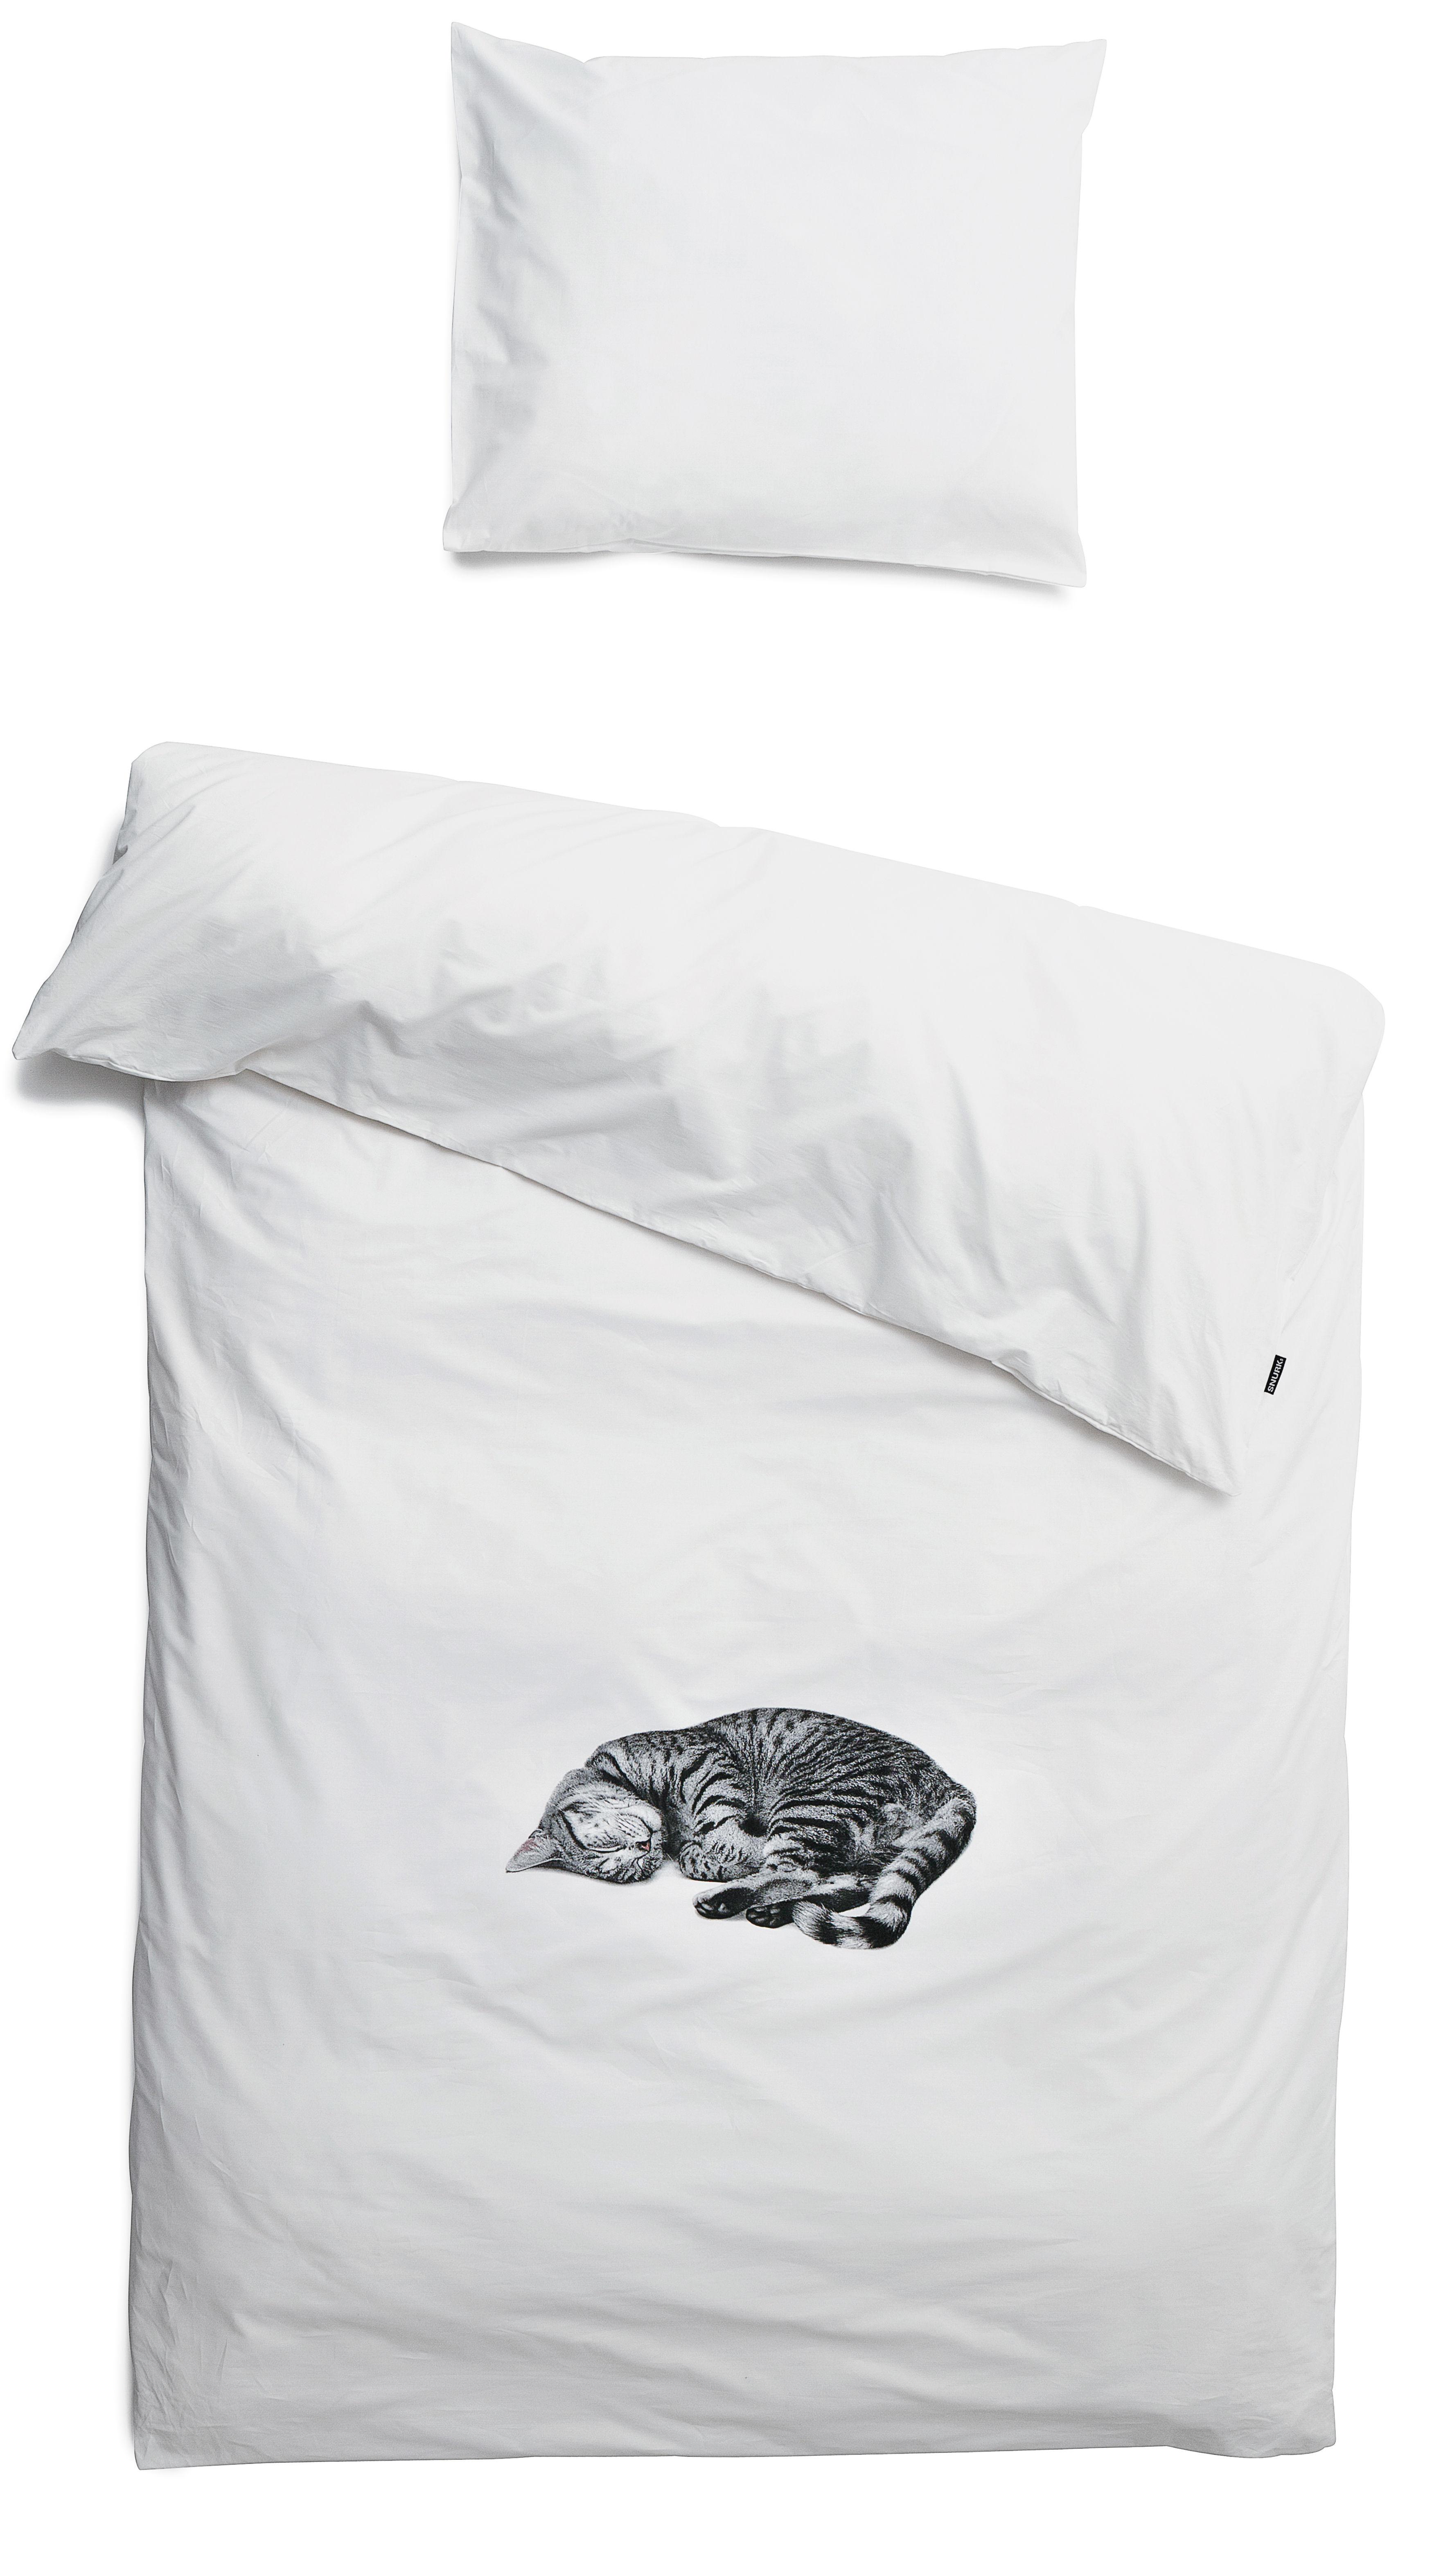 parure de lit 1 personne ollie 140 x 200 cm chat gris snurk. Black Bedroom Furniture Sets. Home Design Ideas